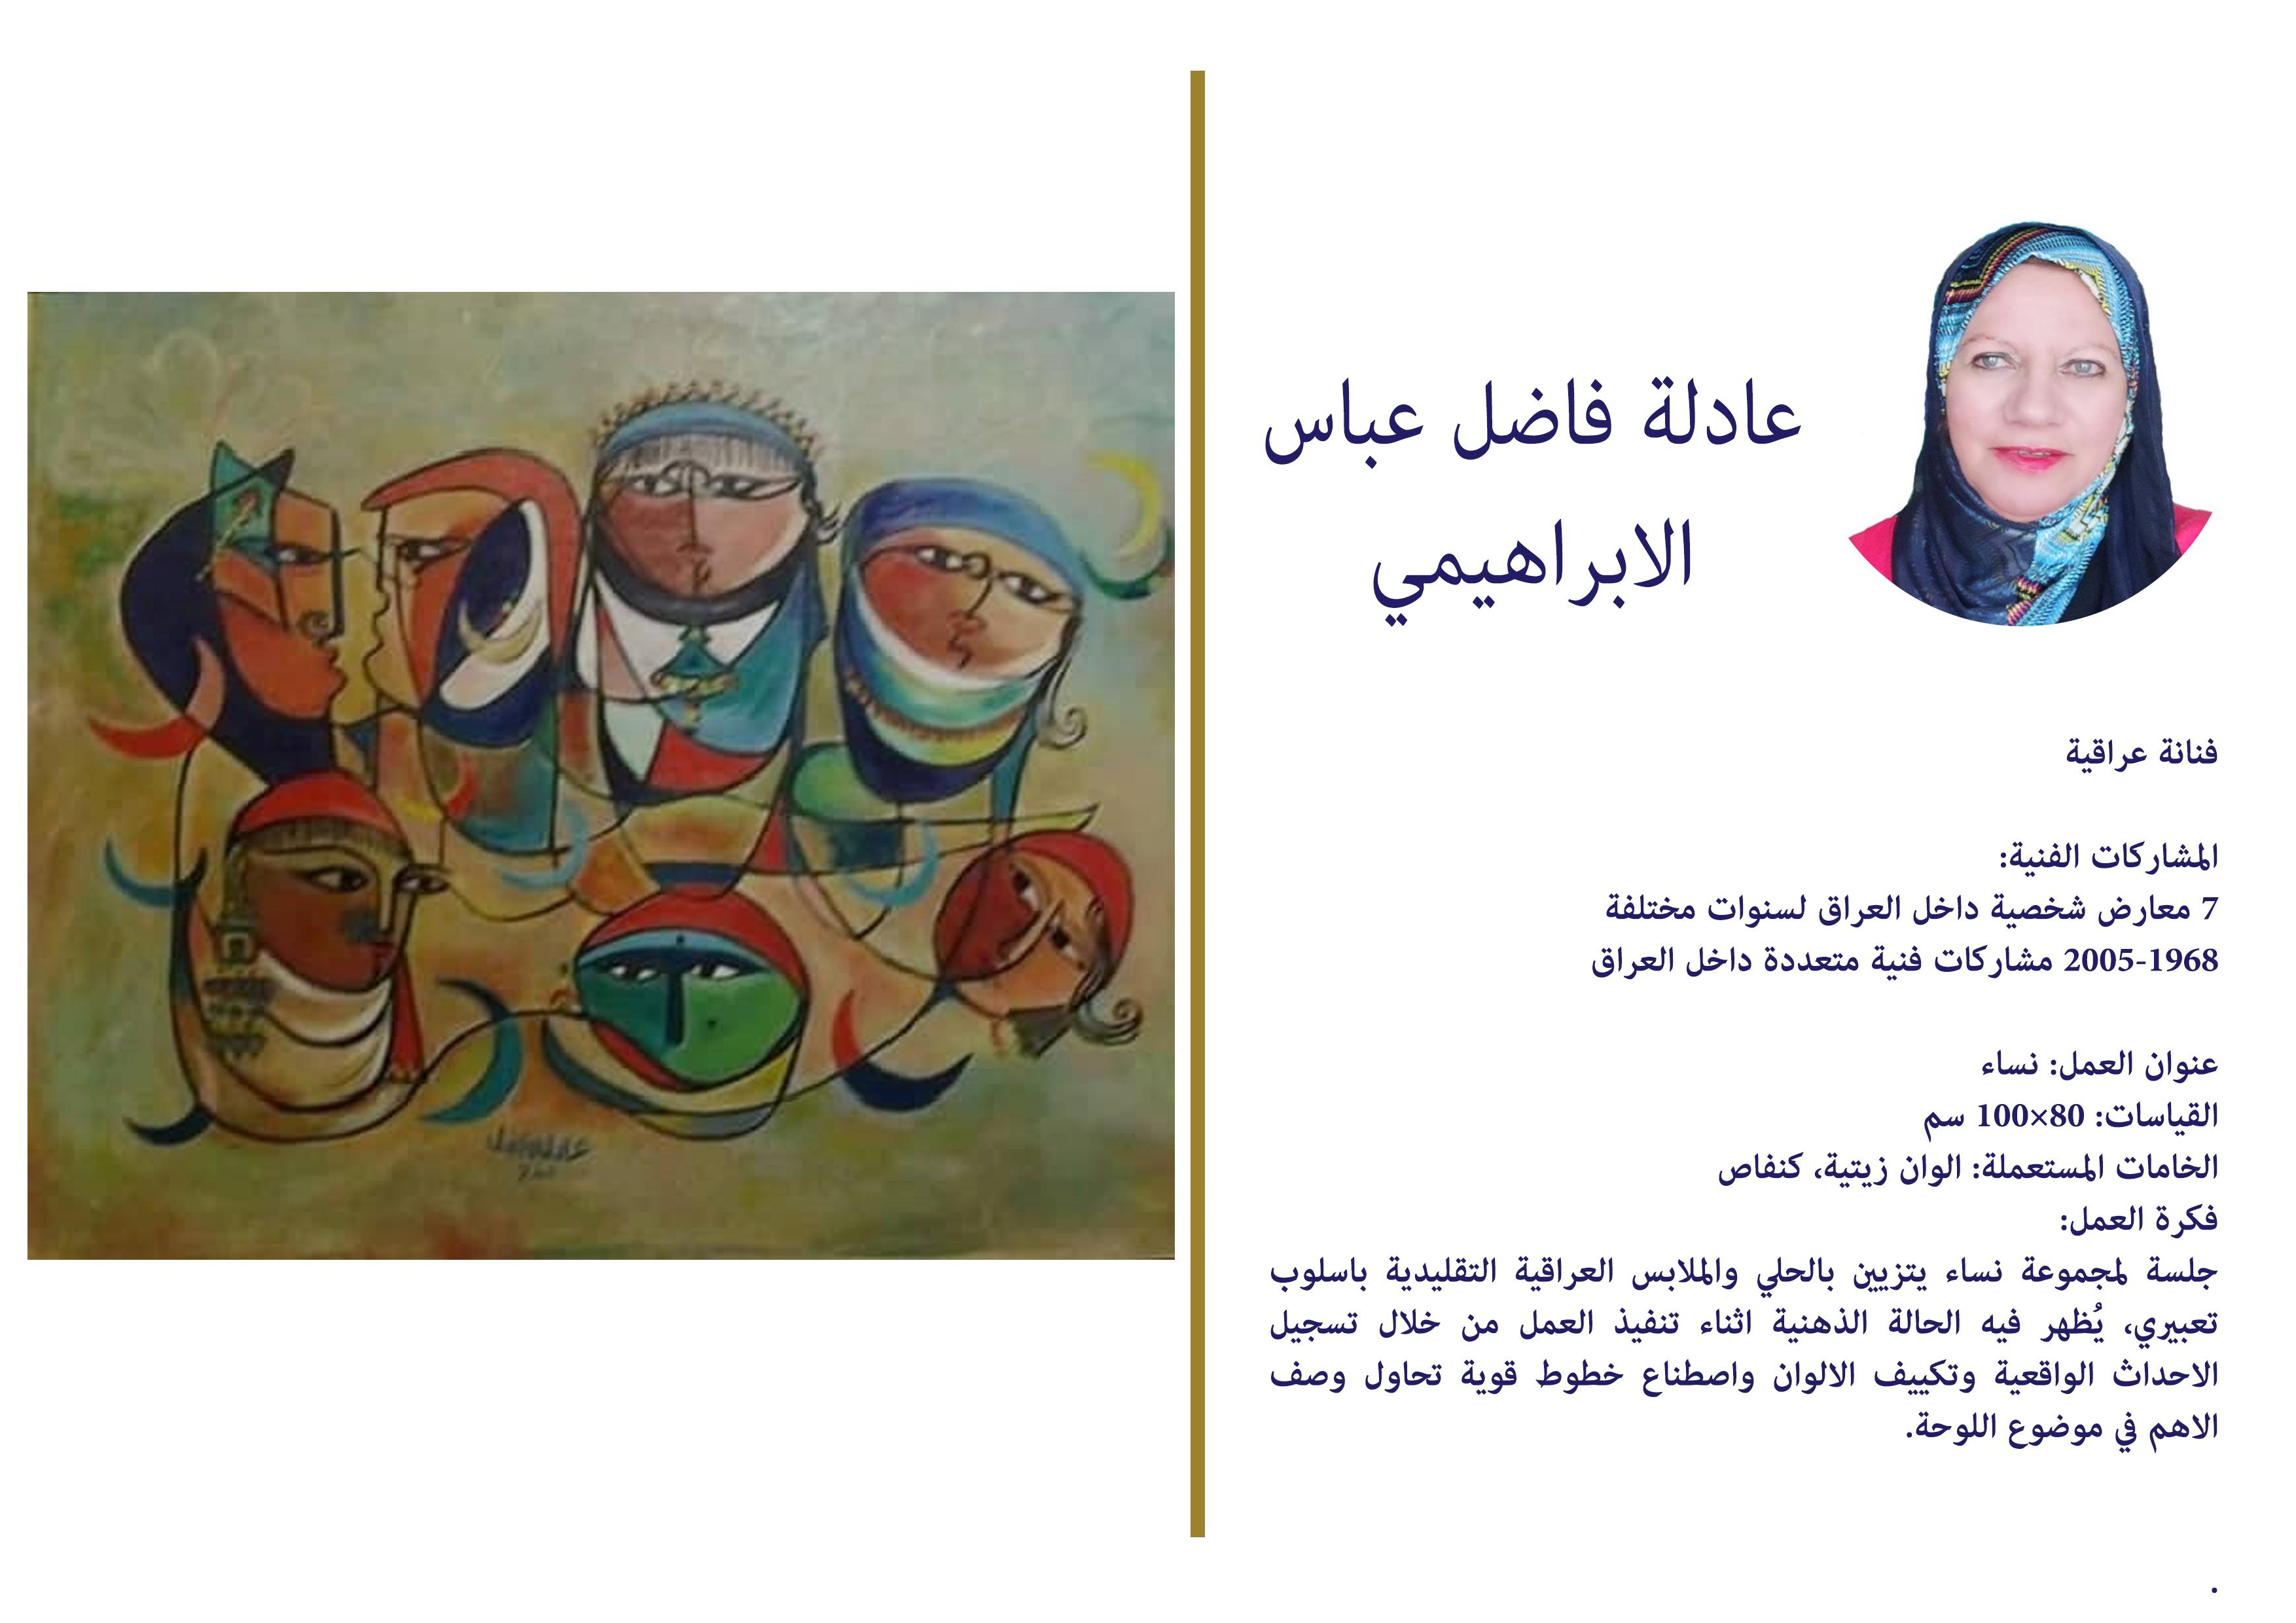 عادلة فاضل عباس الابراهيمي